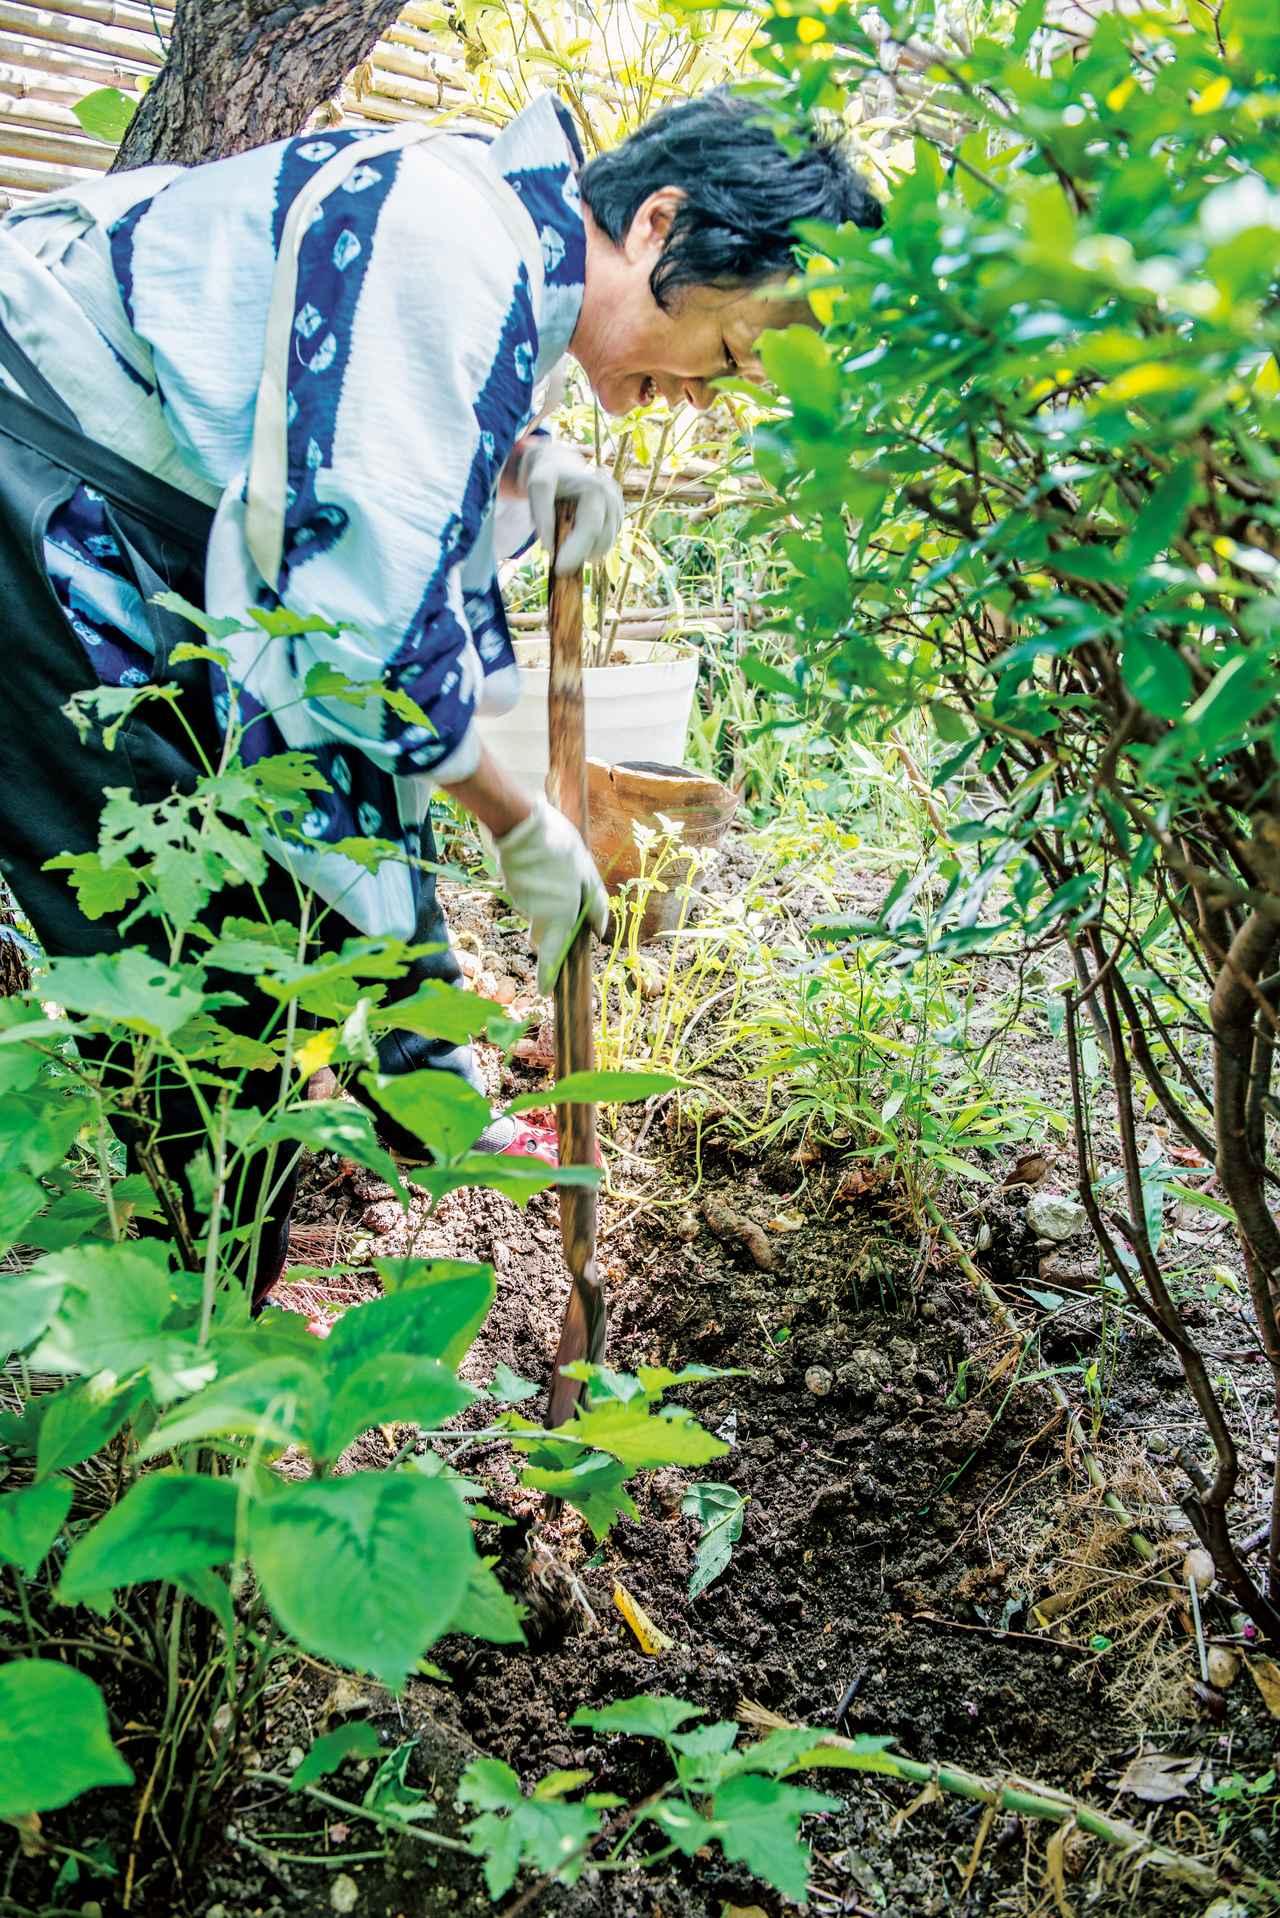 画像: 「生ごみは宝物」。庭の木の下に埋めてコンポストに